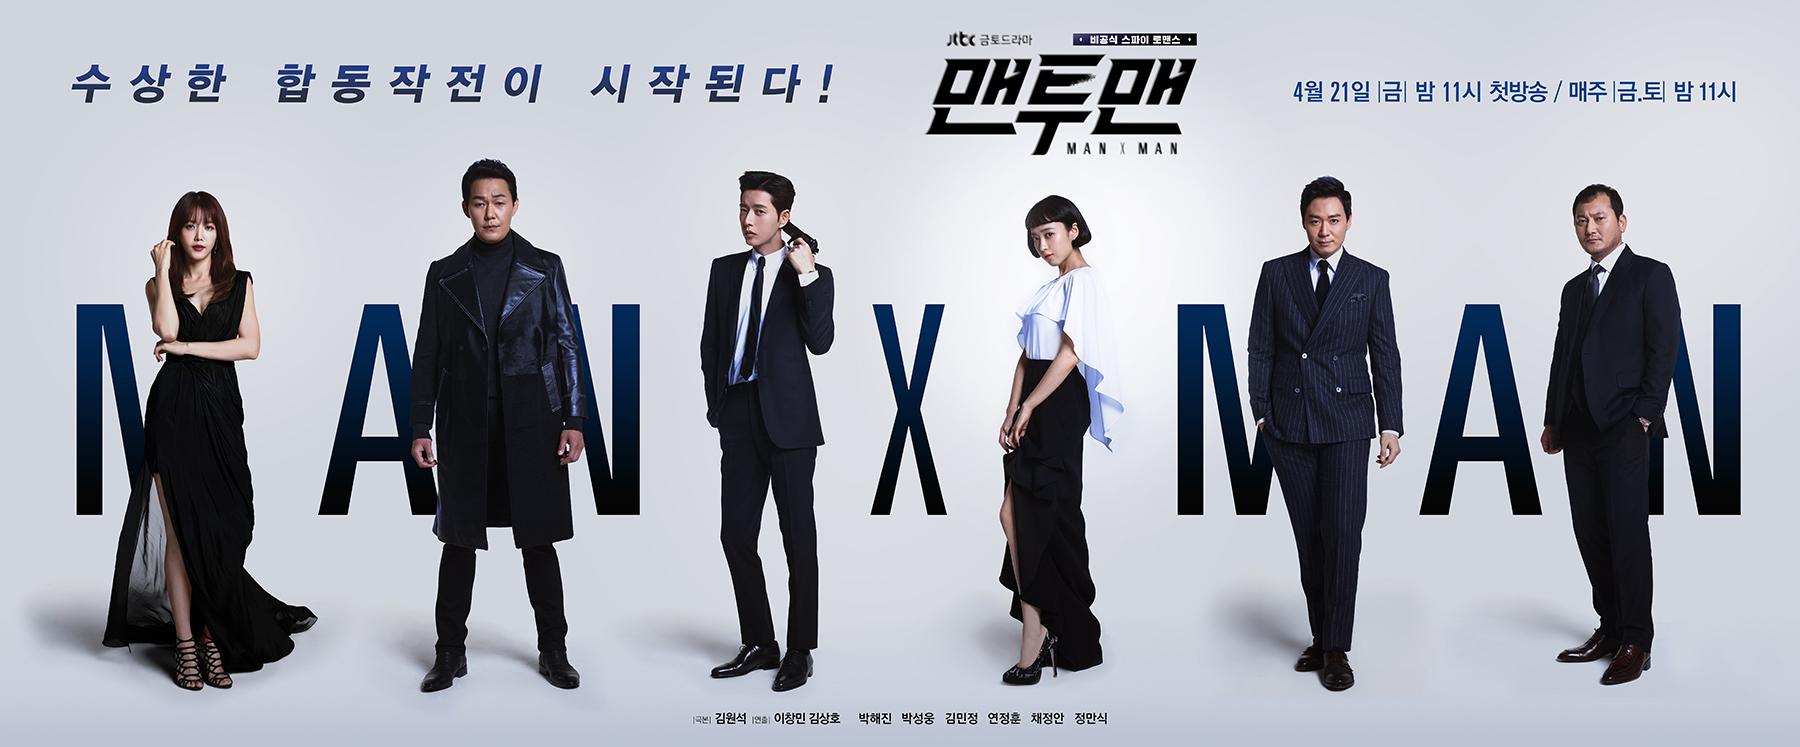 첫 방송 앞둔 <맨투맨> '명품 3박자' 갖춘 기대작의 출격